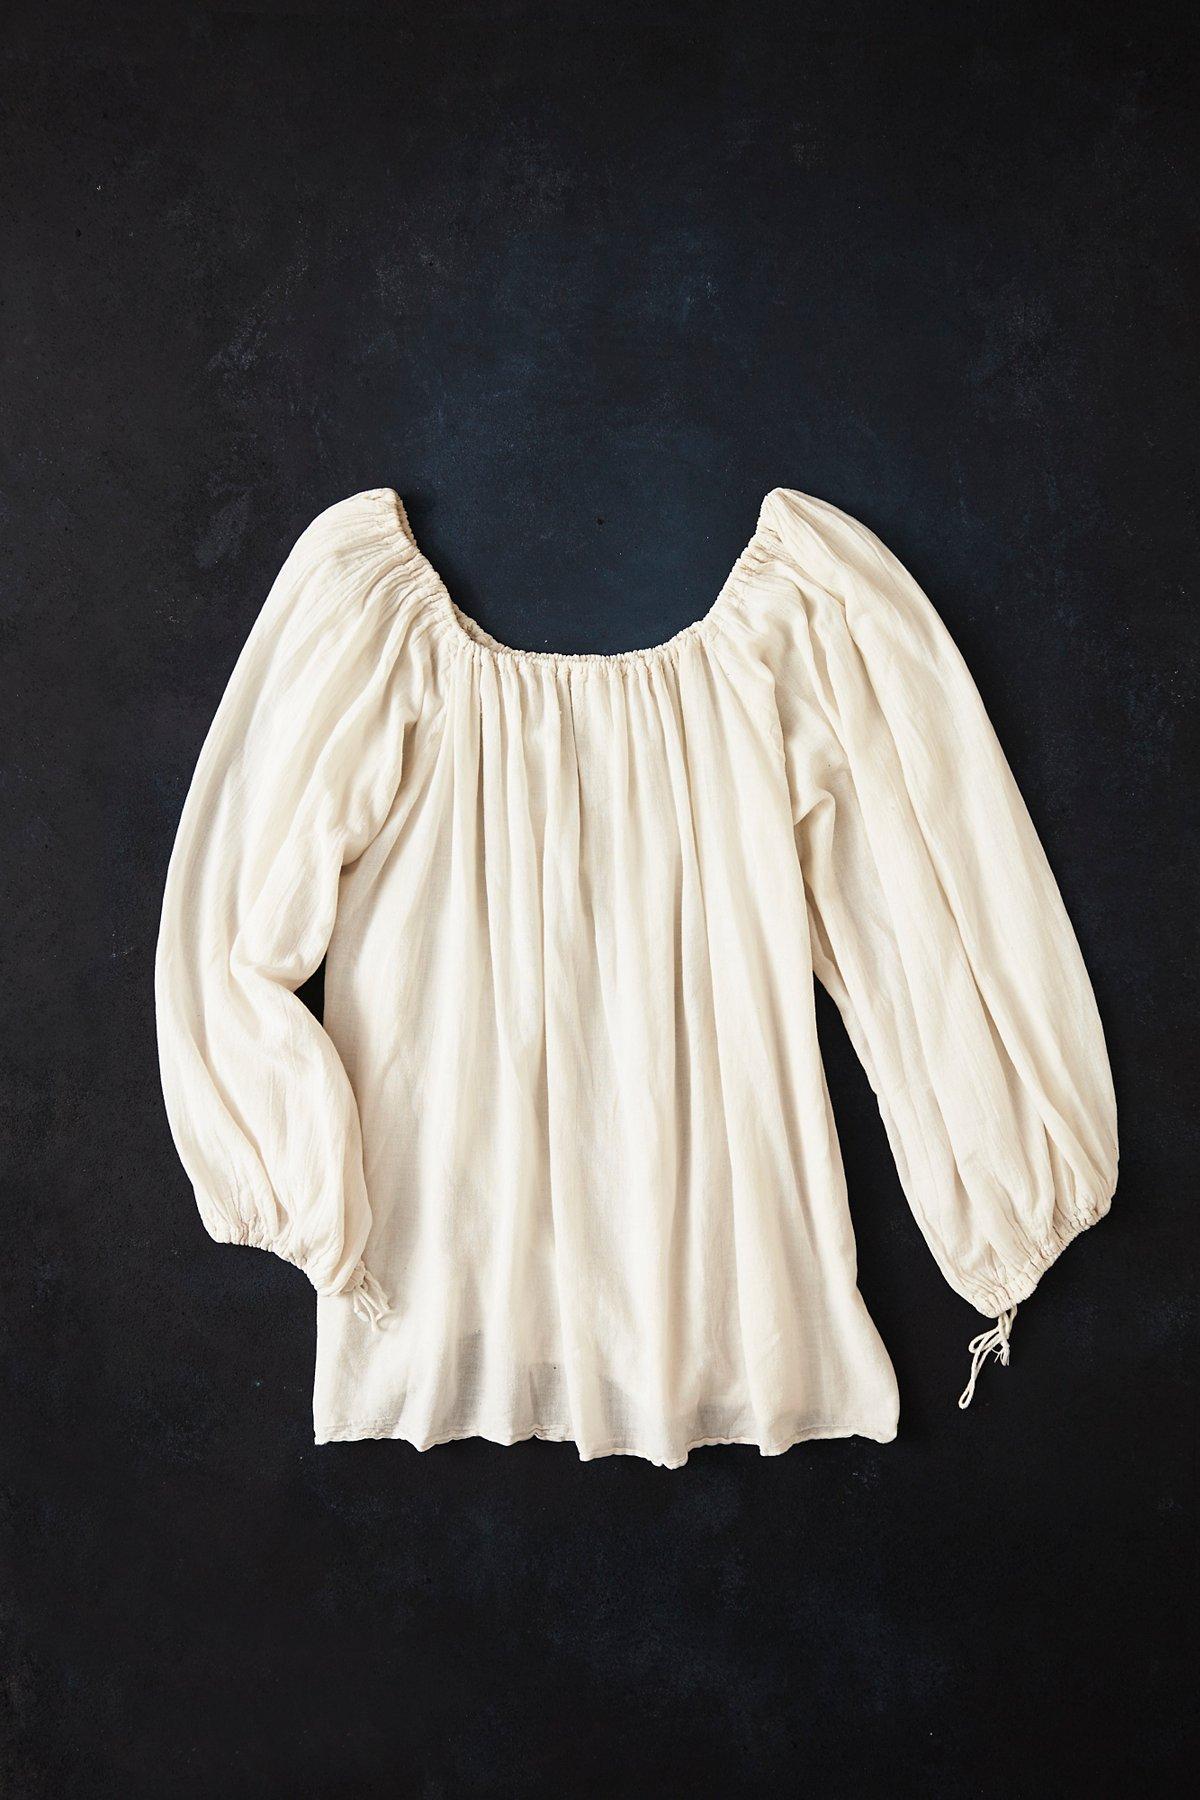 Vintage 1970s Cotton Top